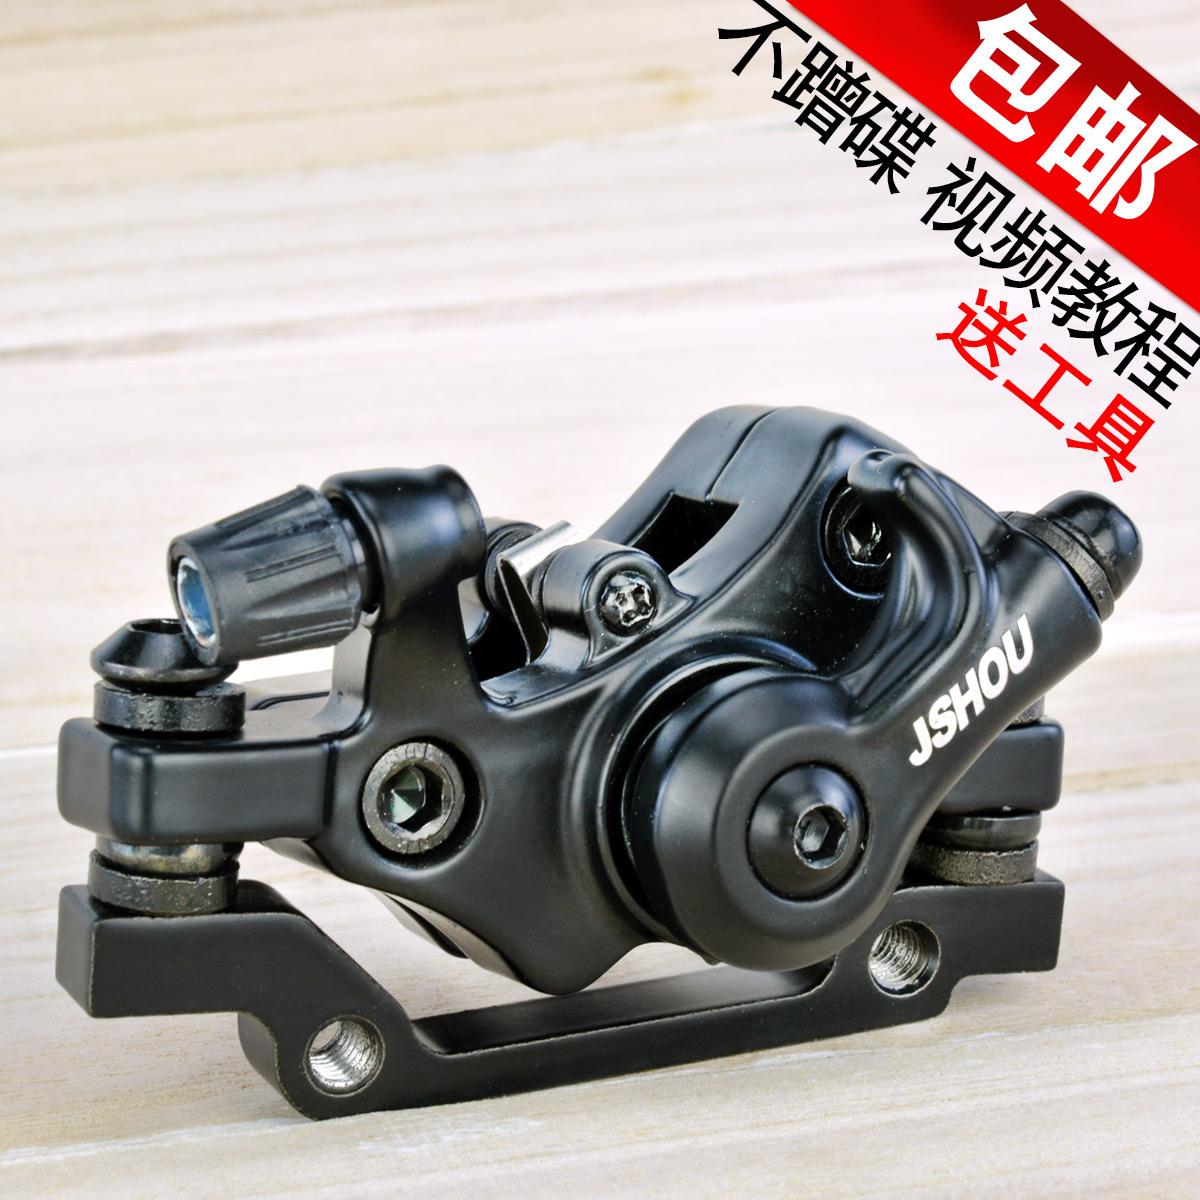 Велосипедный дисковый тормоз тормоз примерка поколение Электрический дисковый тормоз комплект обновленная Горный велосипед универсальный тормоз клип